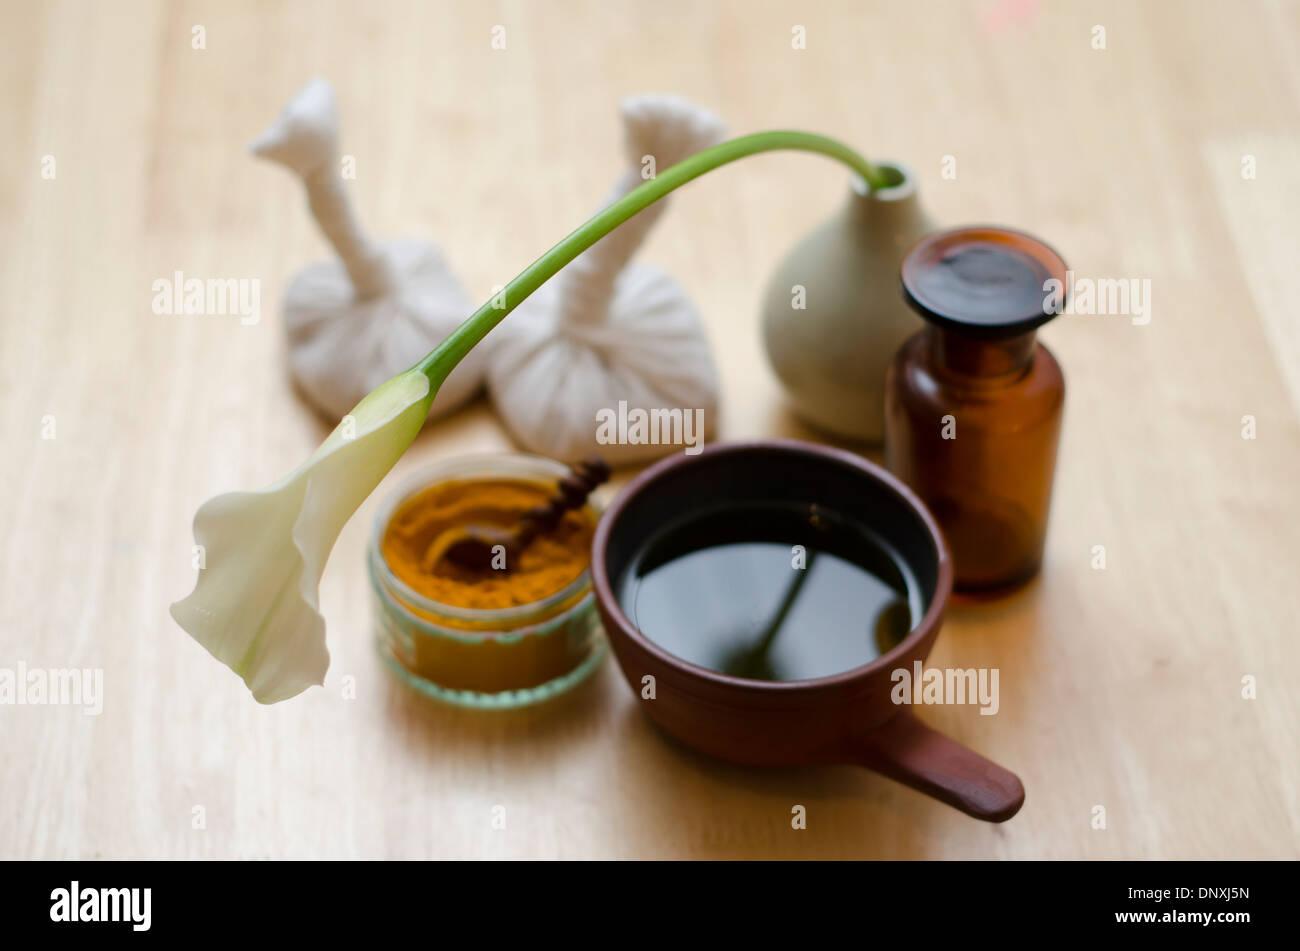 Il piano di un tavolo disposizione delle spezie, olio di massaggio e gli strumenti utilizzati nel massaggio Ayurveda. Immagini Stock